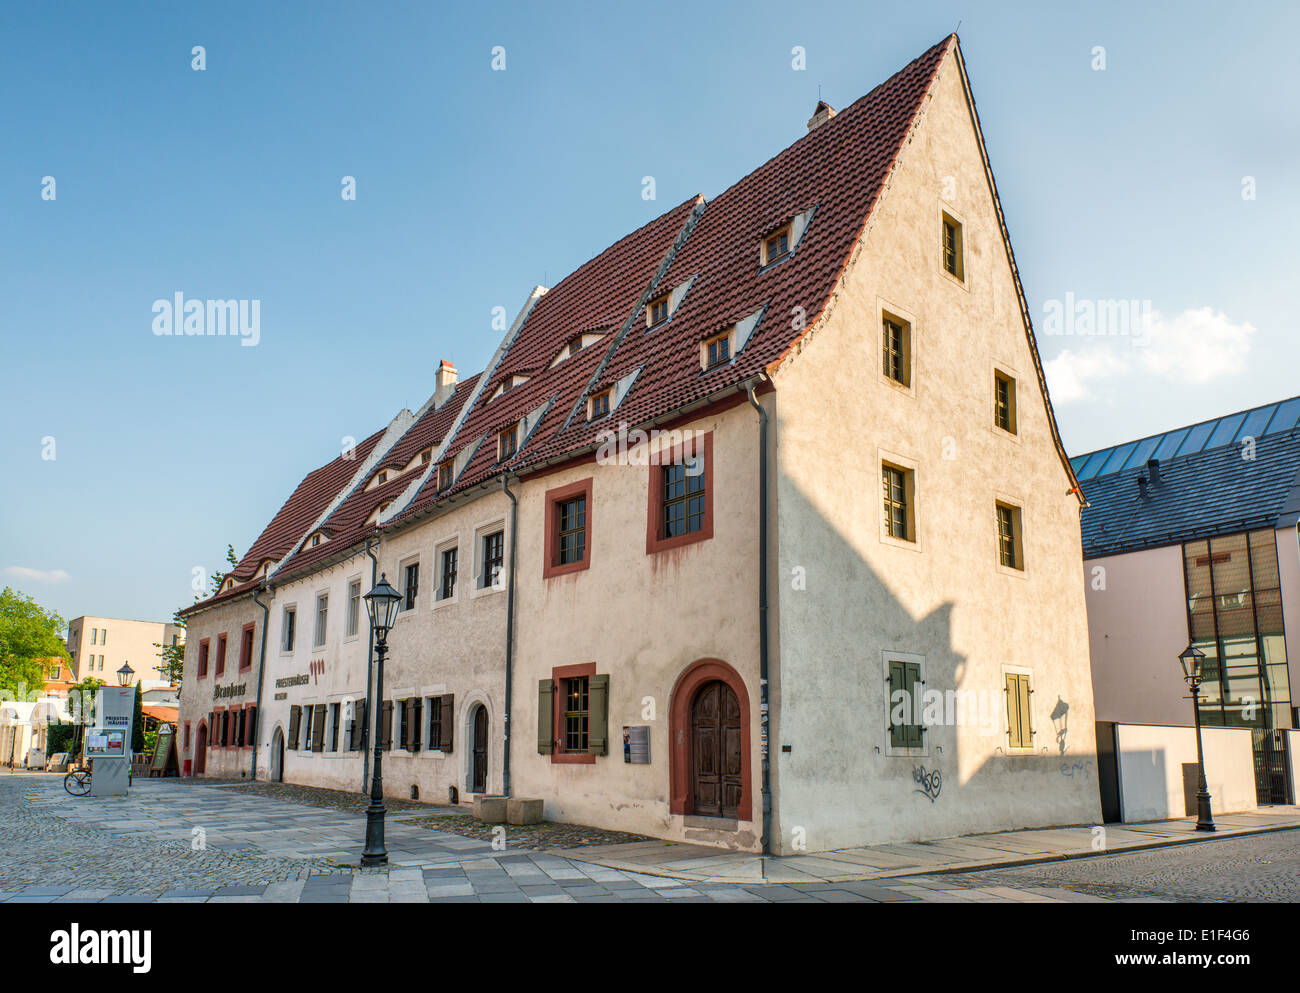 Priesterhauser, medieval houses of priests in Zwickau, Saxony, Germany - Stock Image